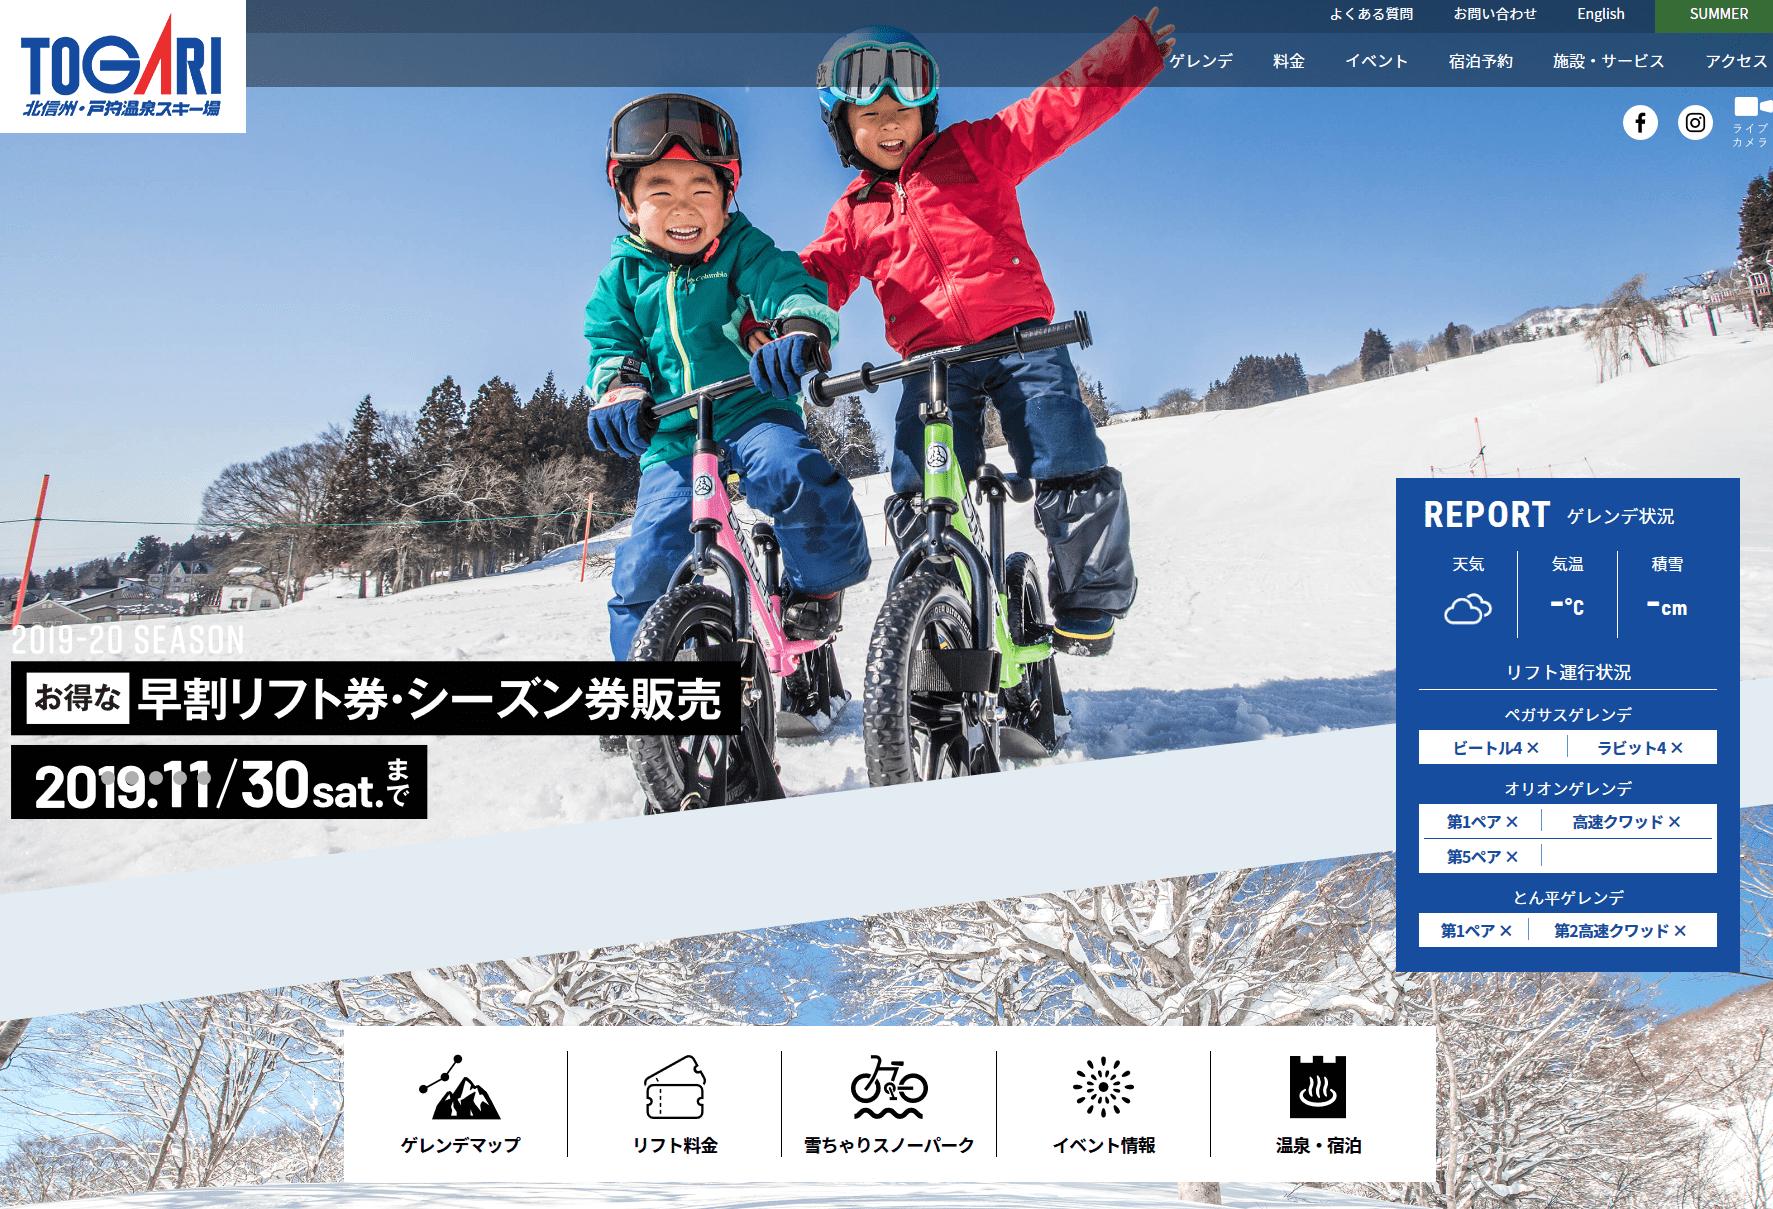 戸狩温泉スキー場 ウィンターシーズン【サイト制作】